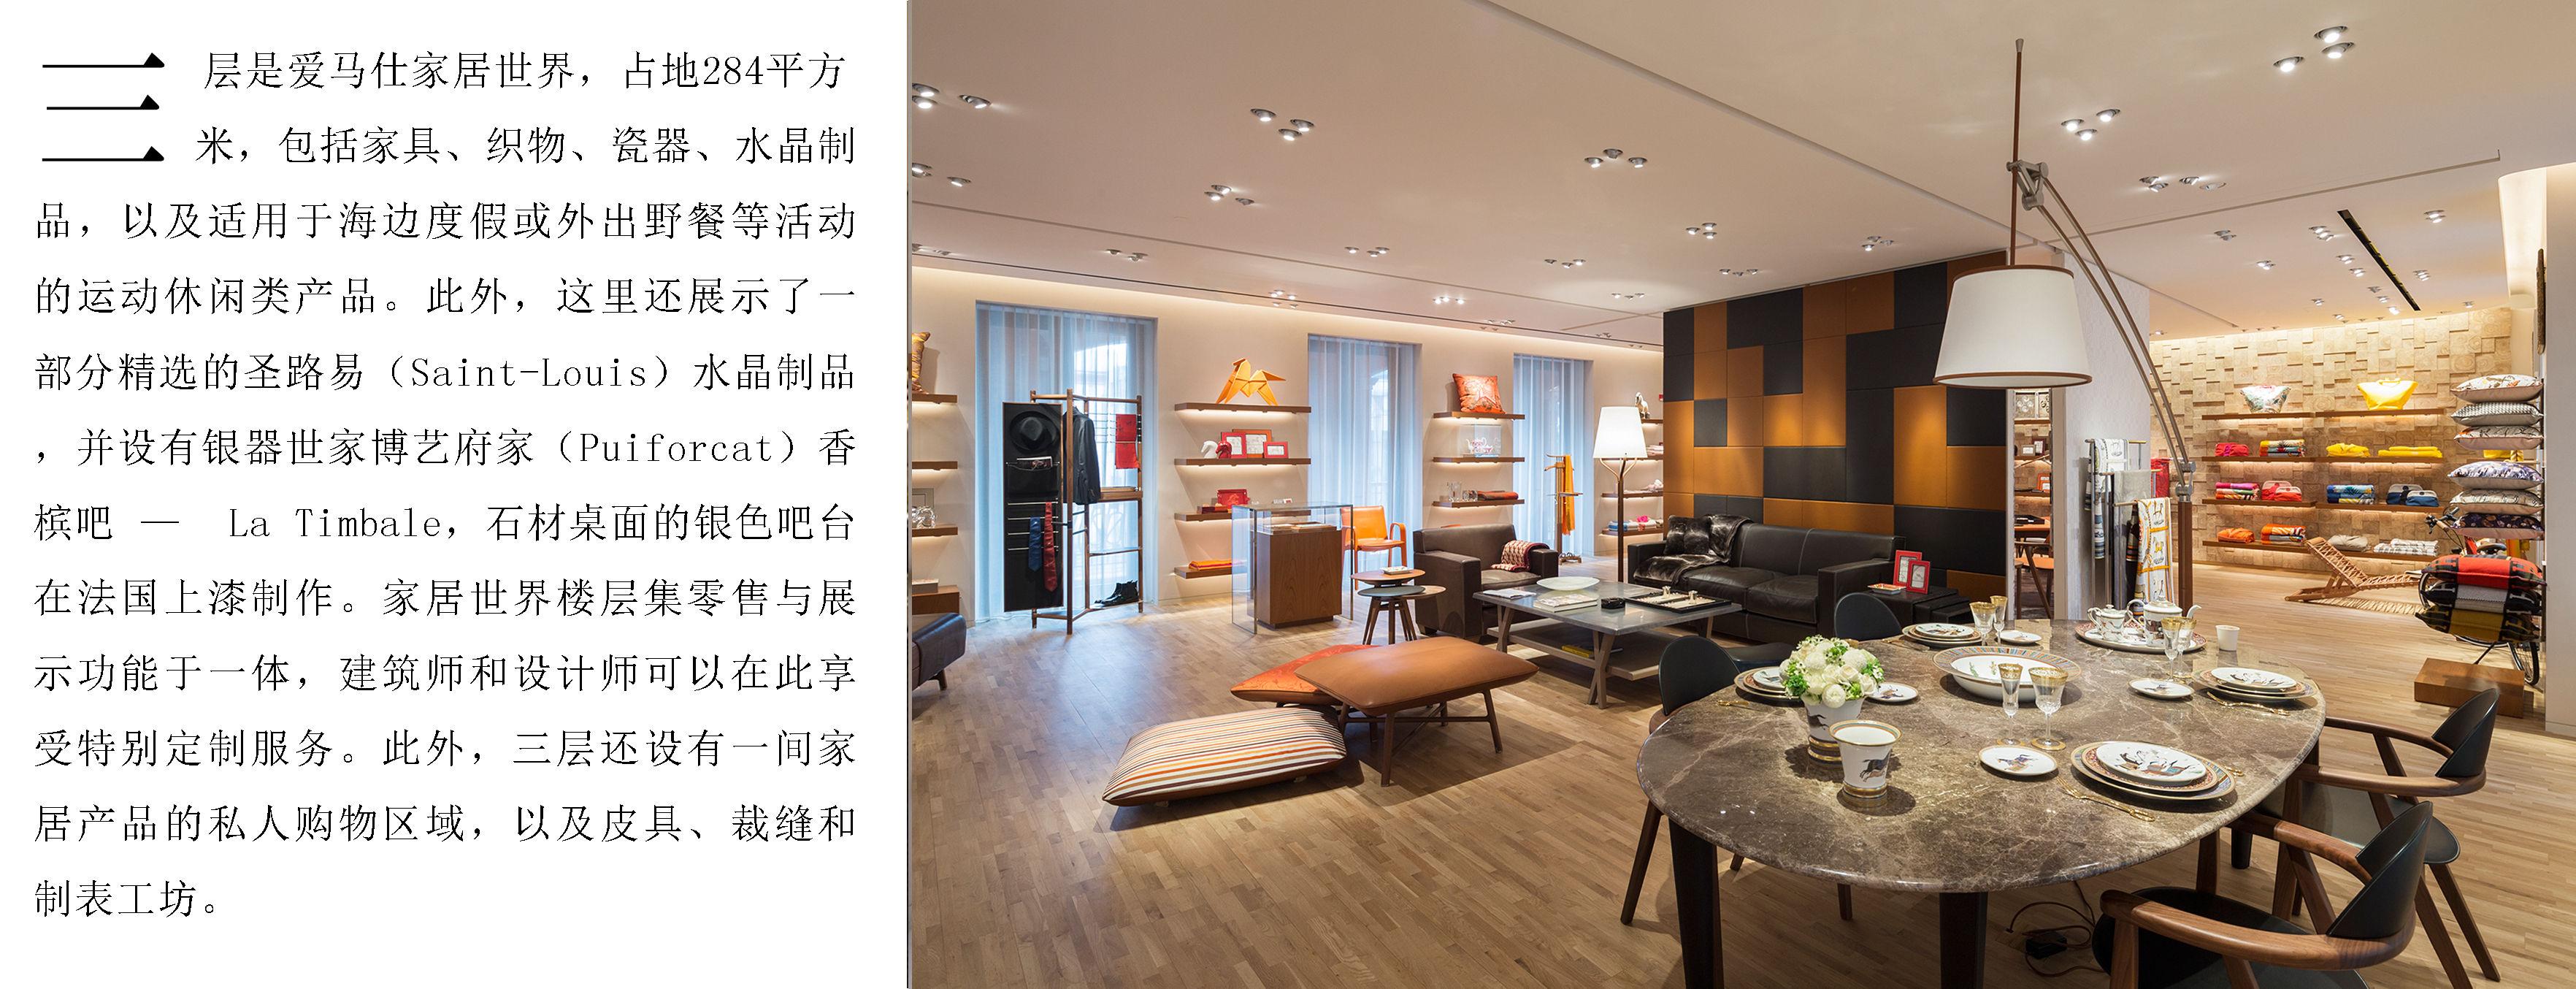 中国首个爱马仕之家